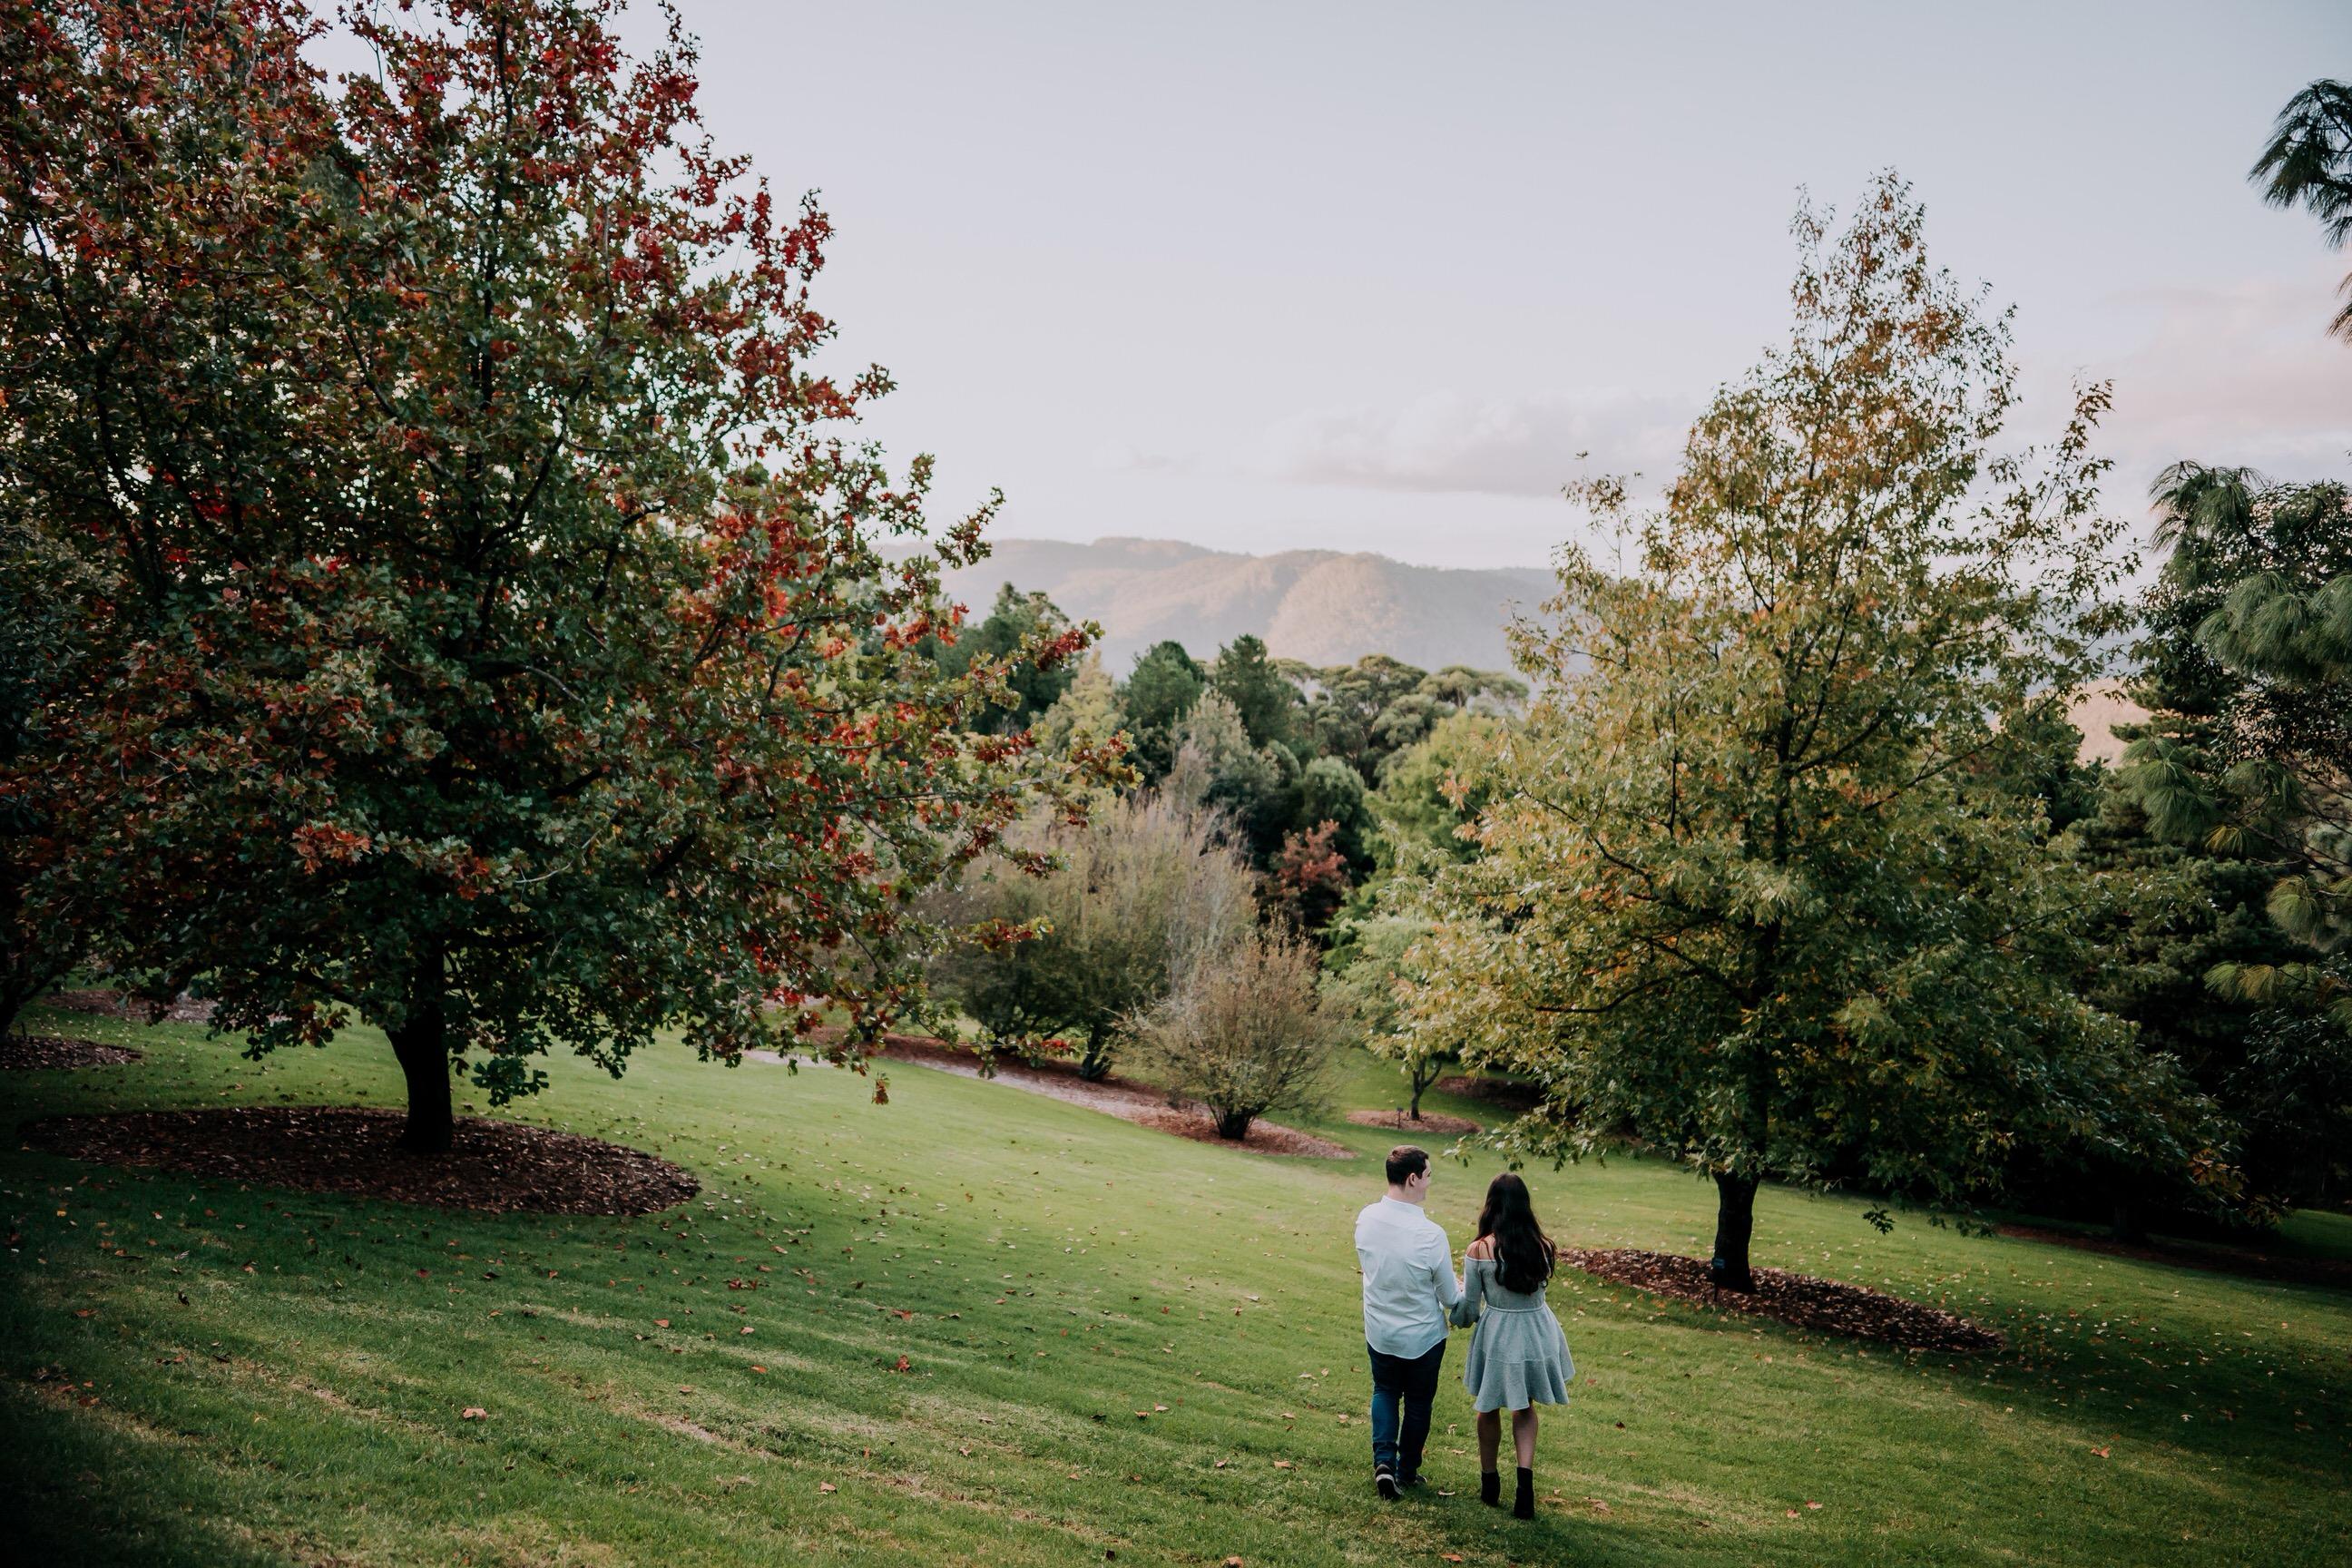 ava-me-photography-mikaela-jesse-mt-tomah-blue-mountains-botanic-gardens-engagement-56